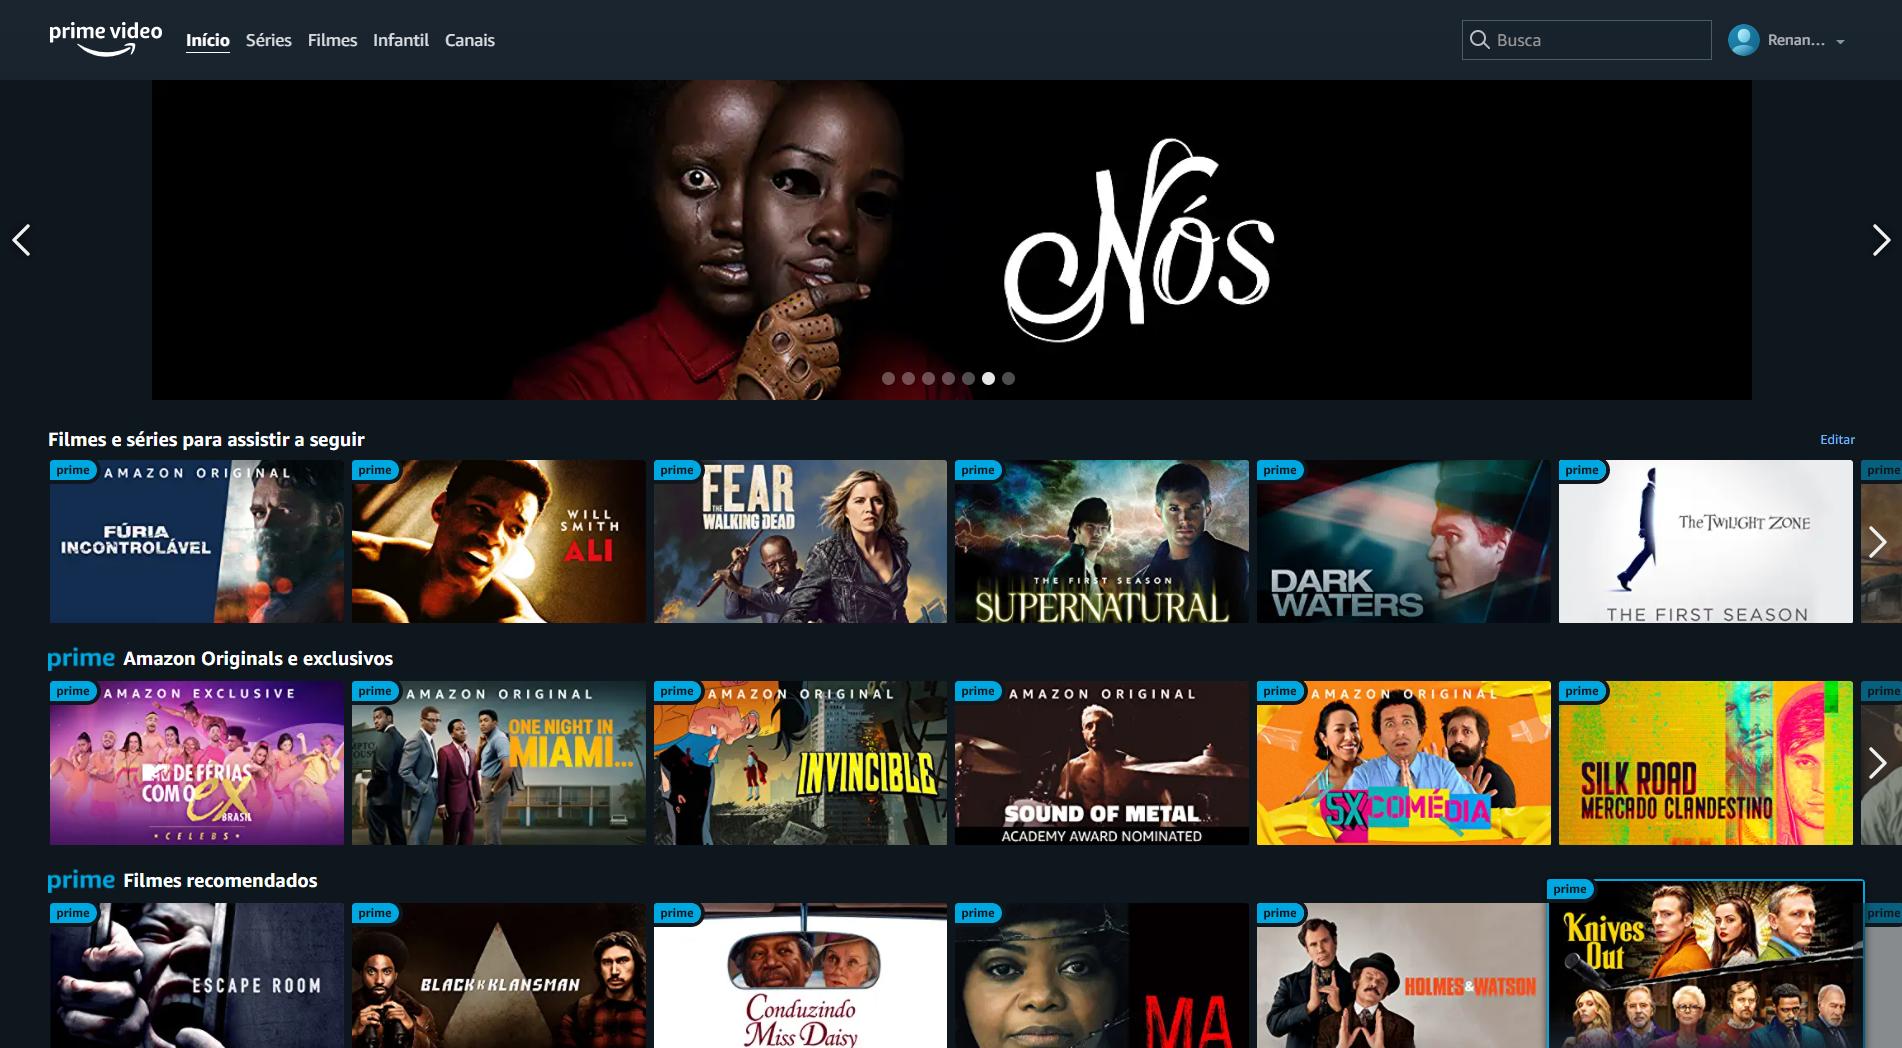 O Prime Video é um dos serviços inclusos dentro do pacote do Amazon Prime (Imagem: reprodução / Amazon)